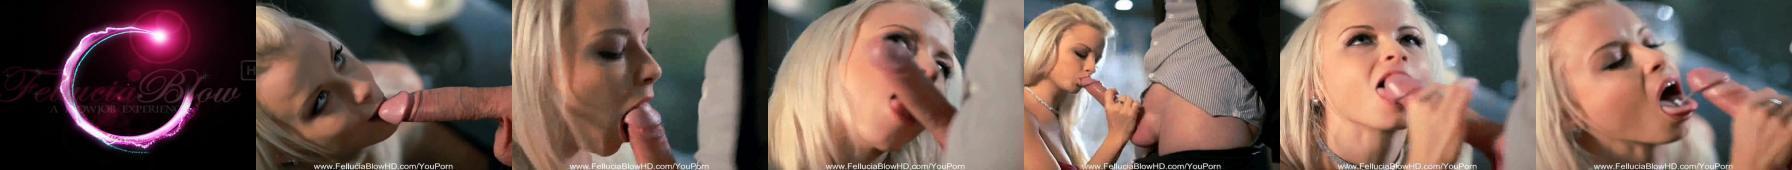 Blondi fantasticky kouří